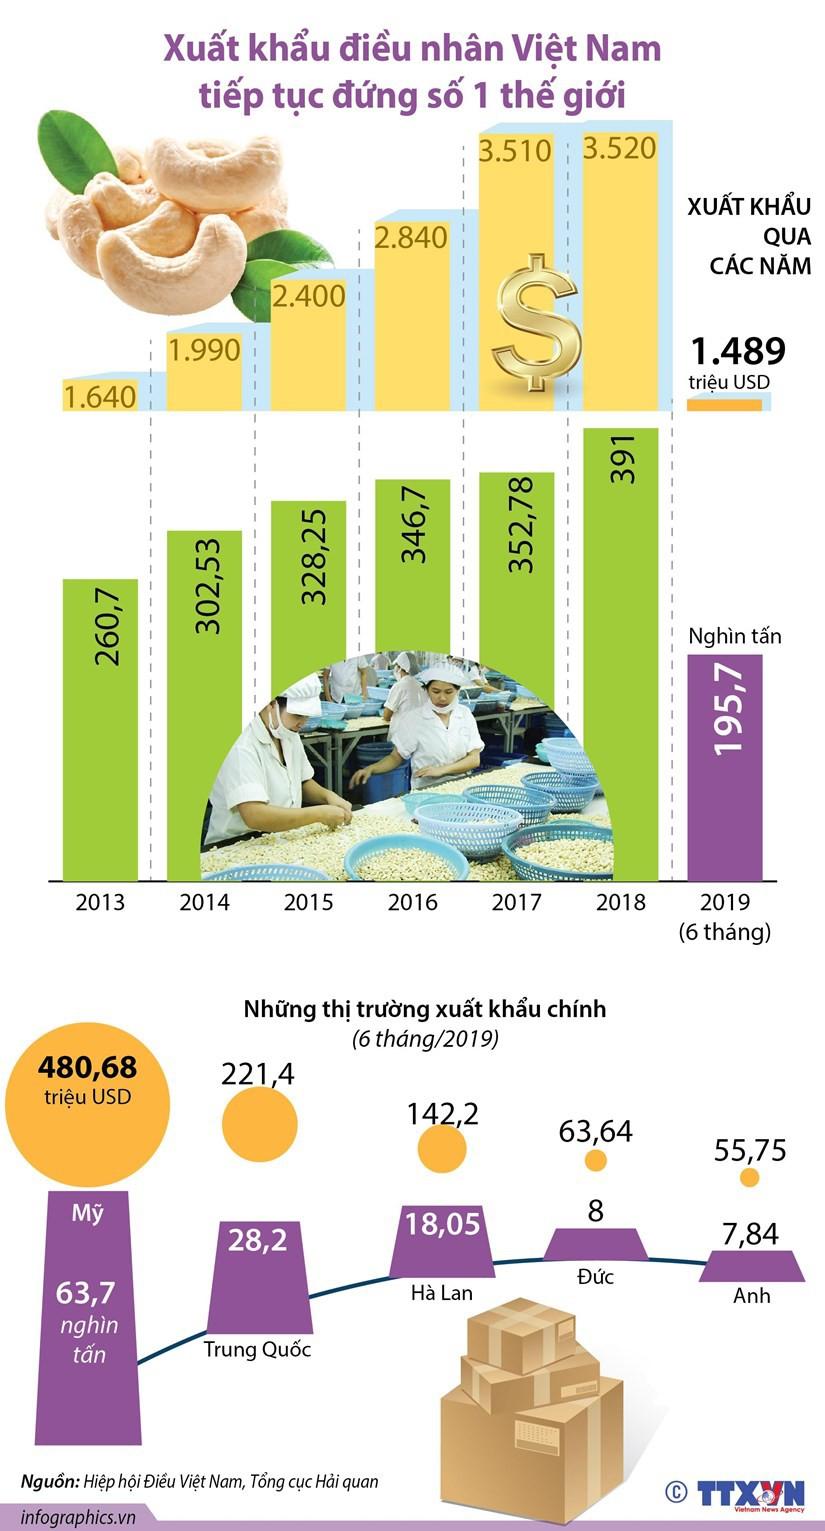 Xuất khẩu điều nhân Việt Nam tiếp tục đứng số 1 thế giới - Ảnh 1.